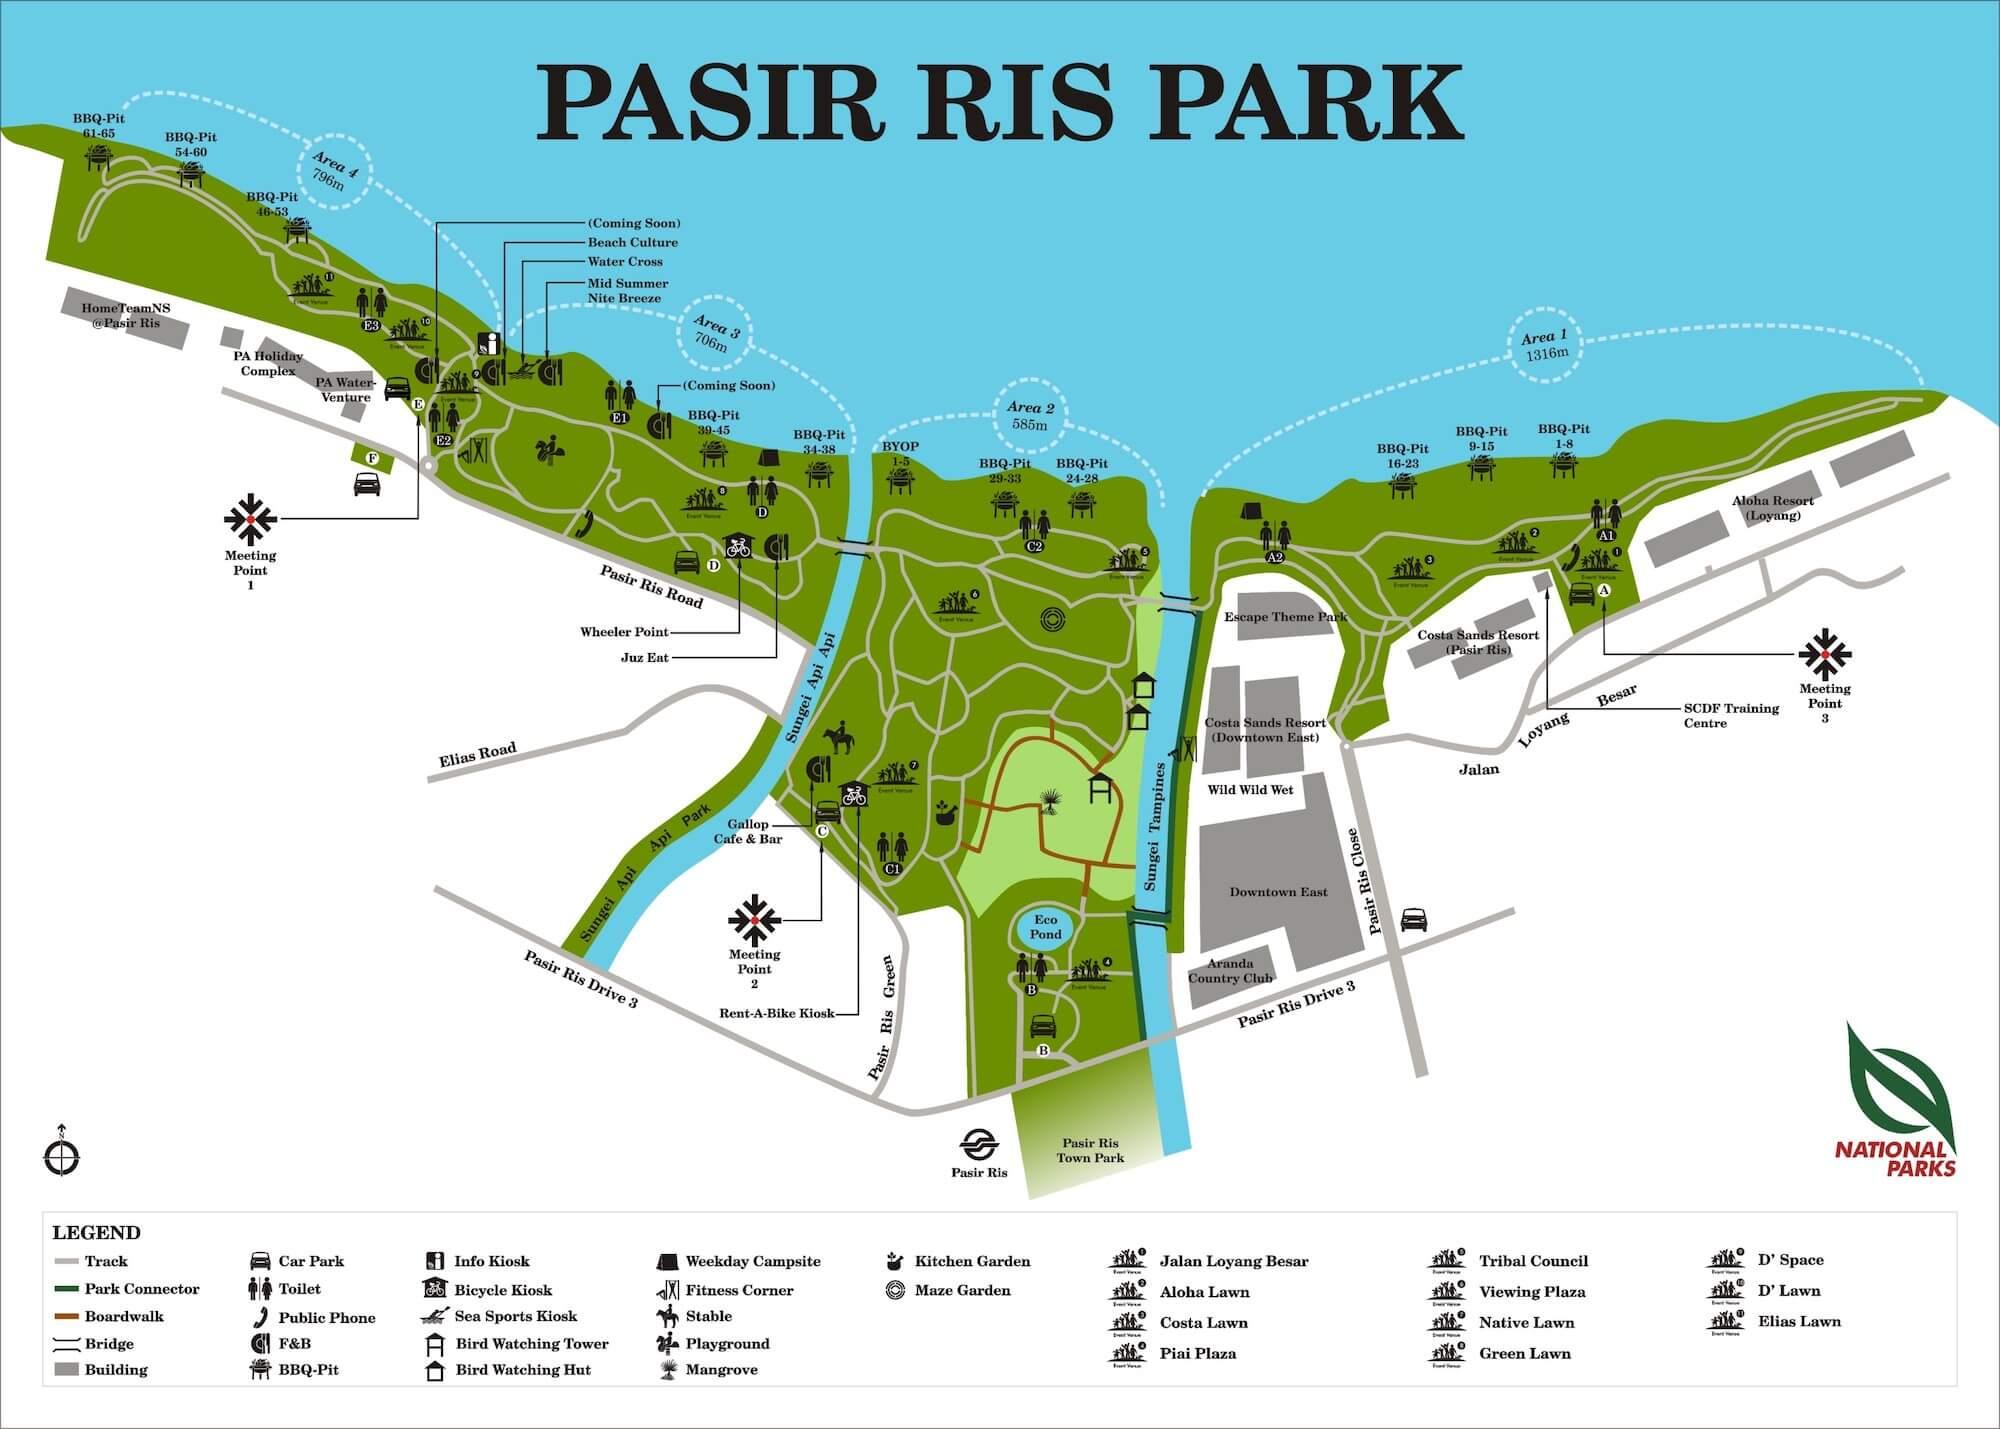 Pasir Ris 8 - Pasir Ris Park